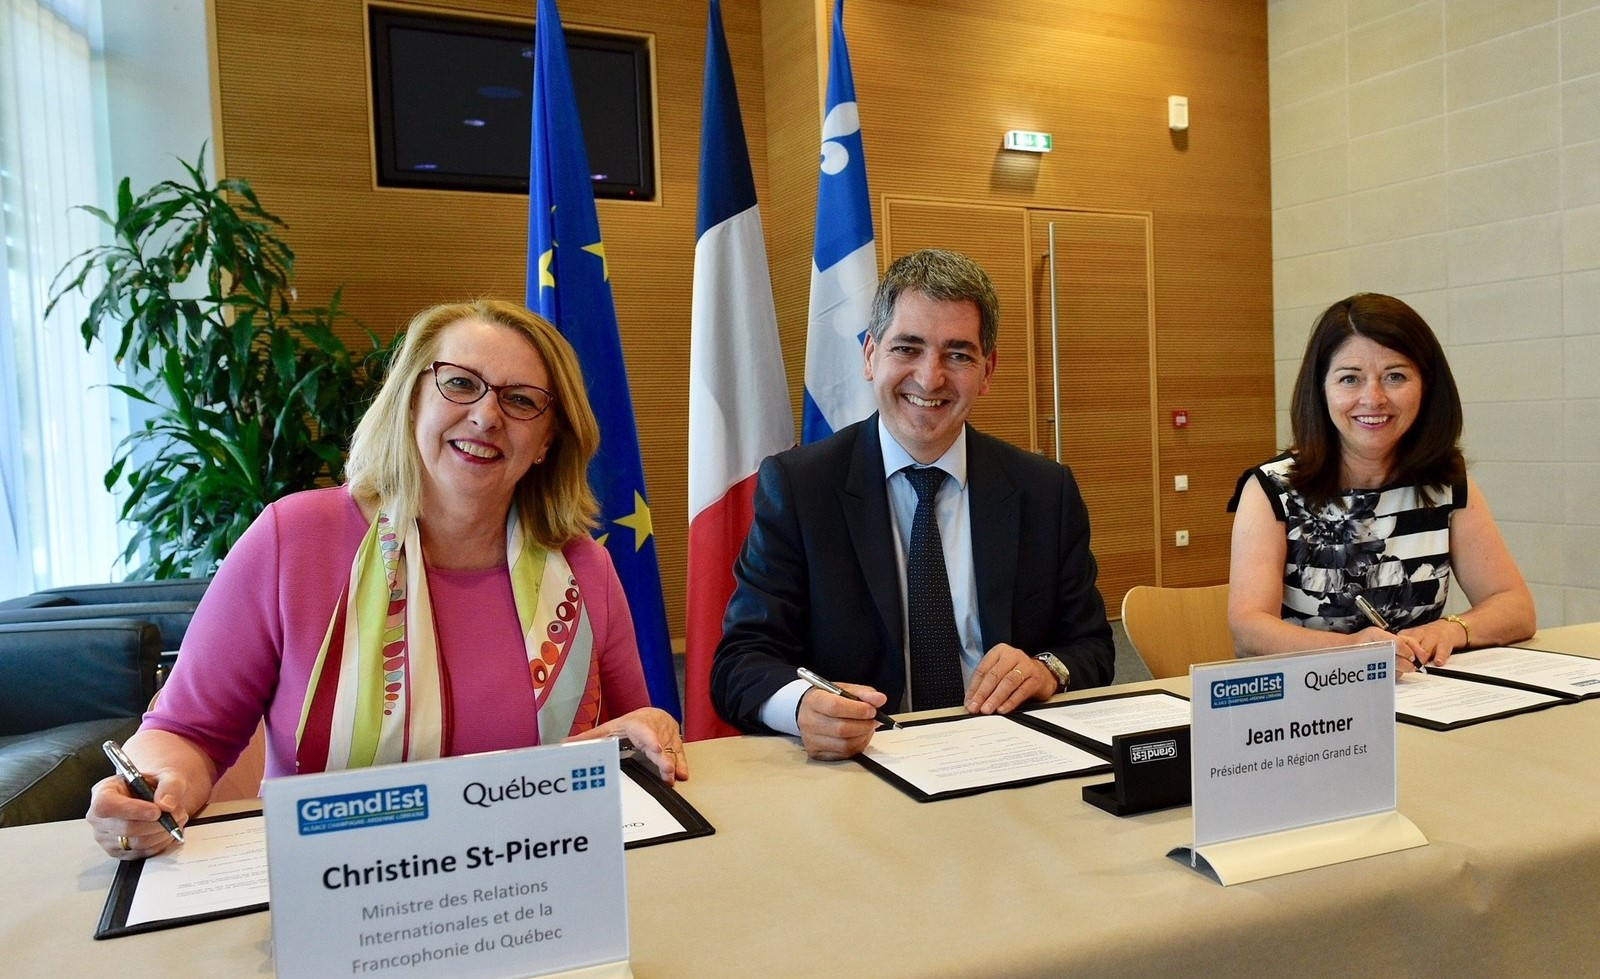 La ministre Christine St-Pierre en visite dans le Grand Est de la France